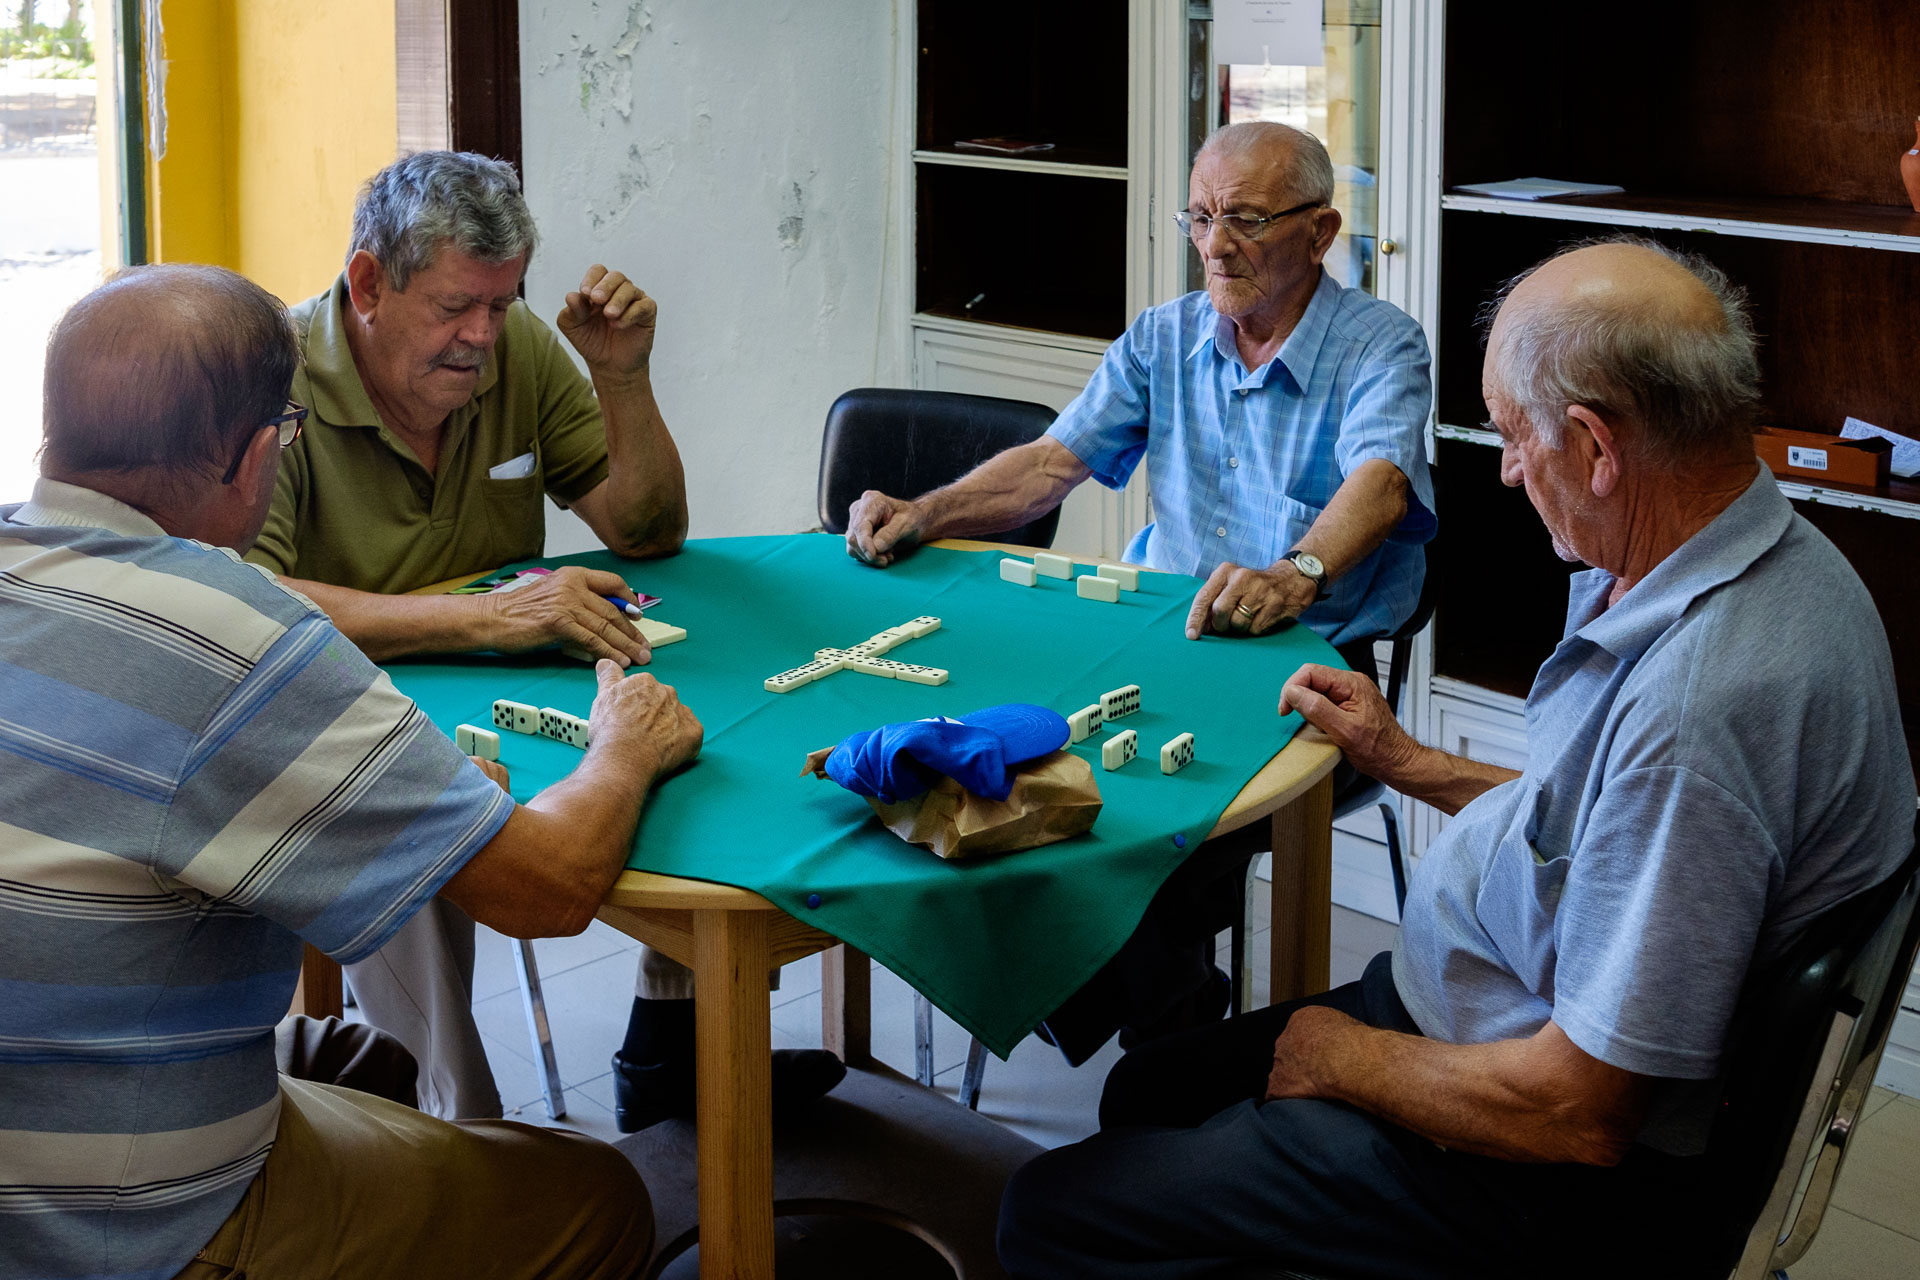 Señores jugando dominó Mourao